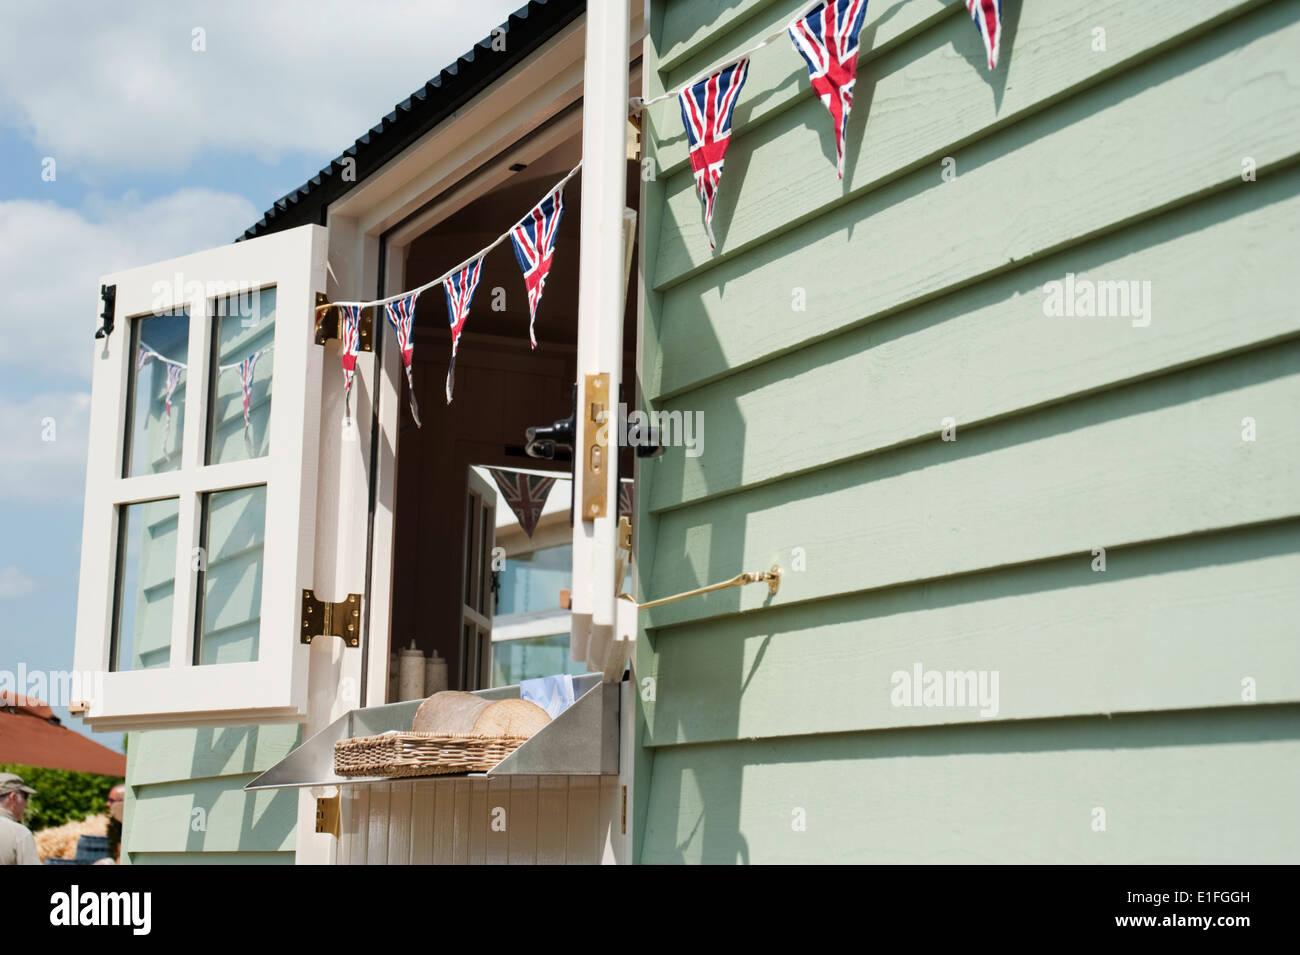 El festival de verano de Daylesford en sus farmshop cerca kingham, Gloucestershire, Inglaterra, Reino Unido. Imagen De Stock